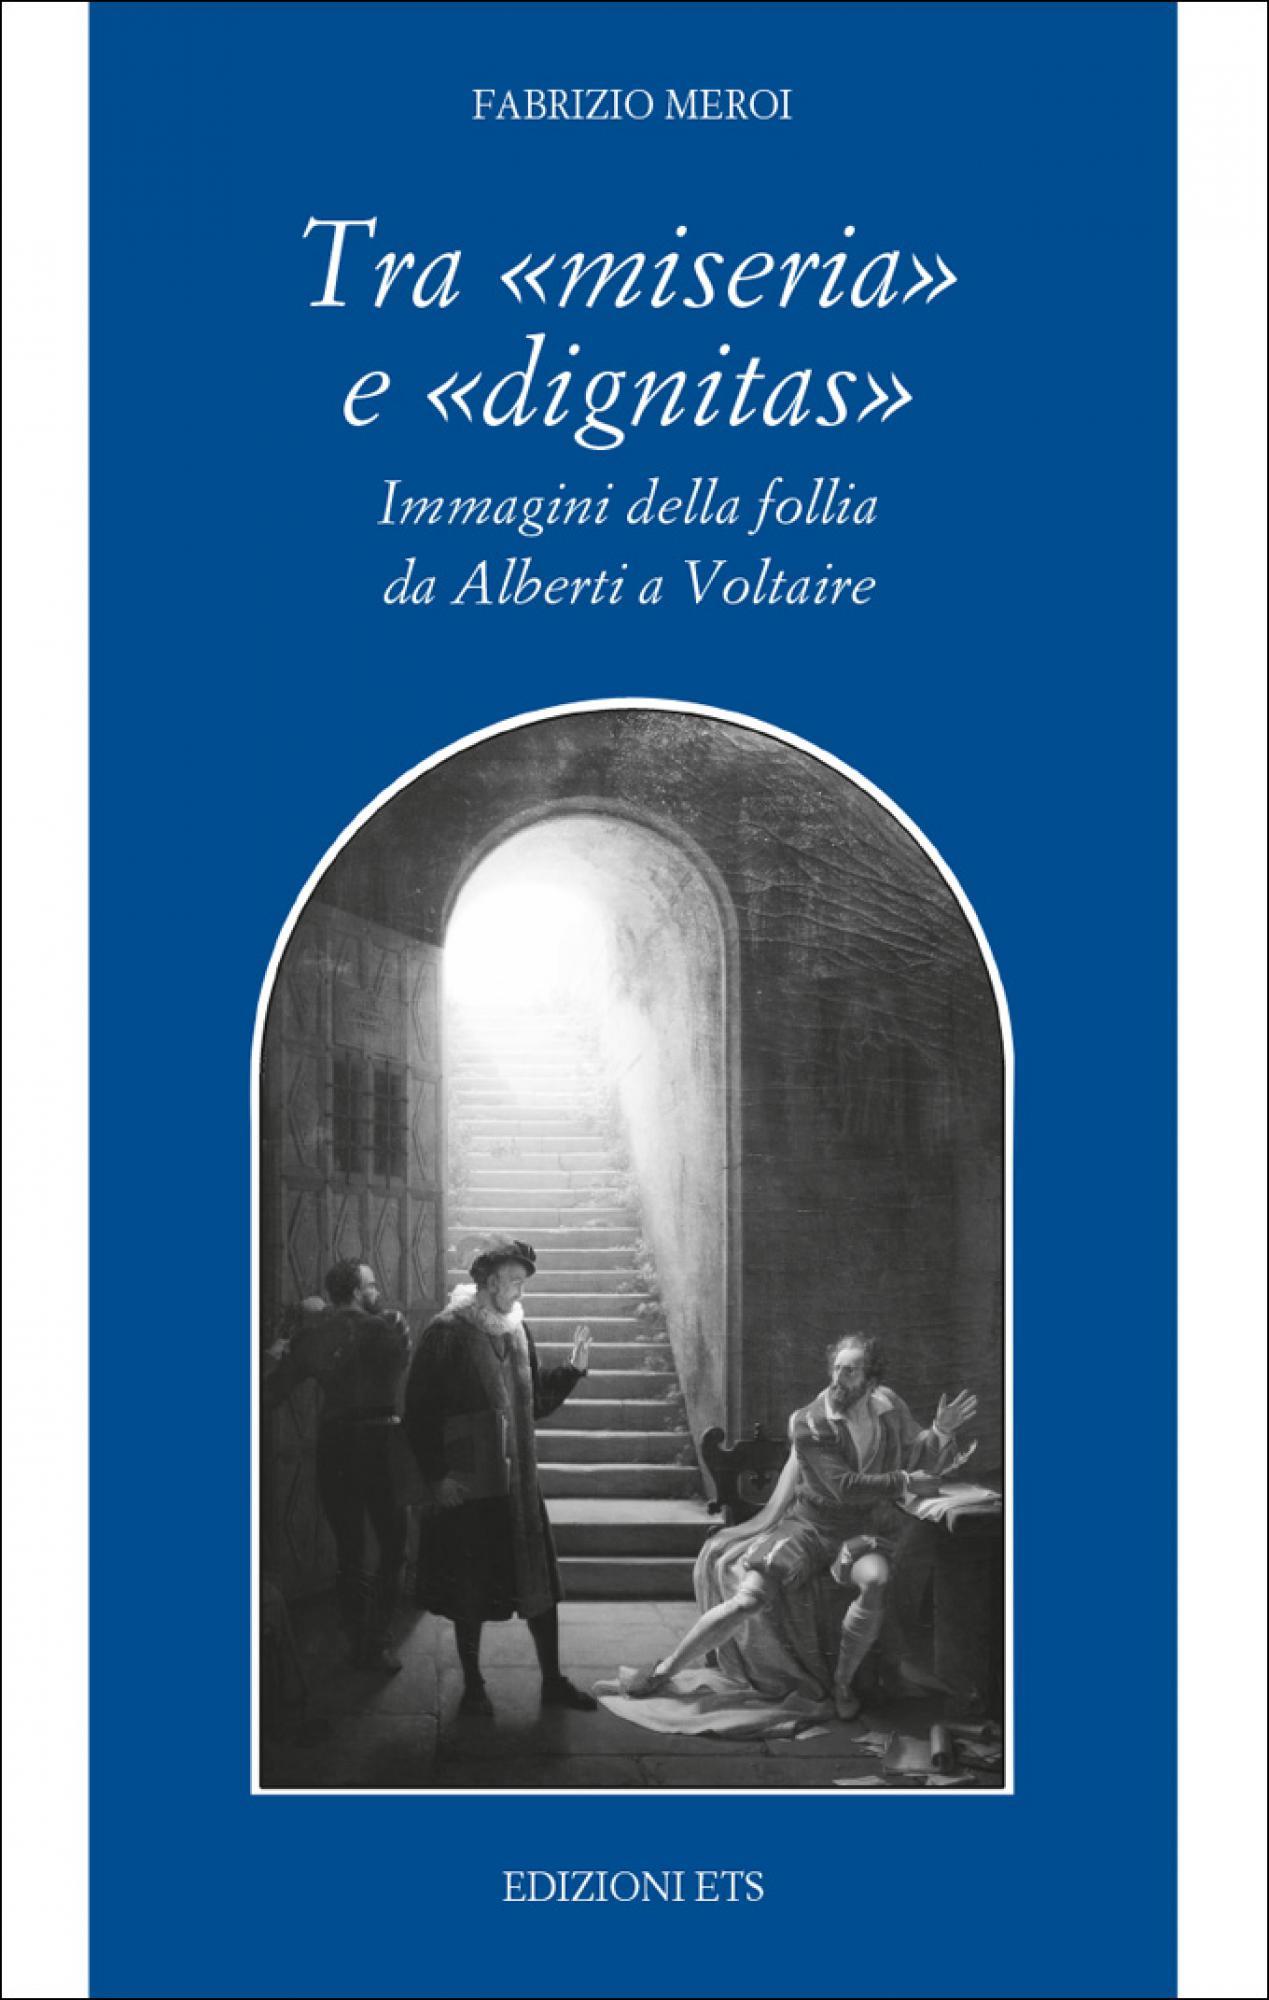 Tra «miseria» e «dignitas».Immagini della follia da Alberti a Voltaire